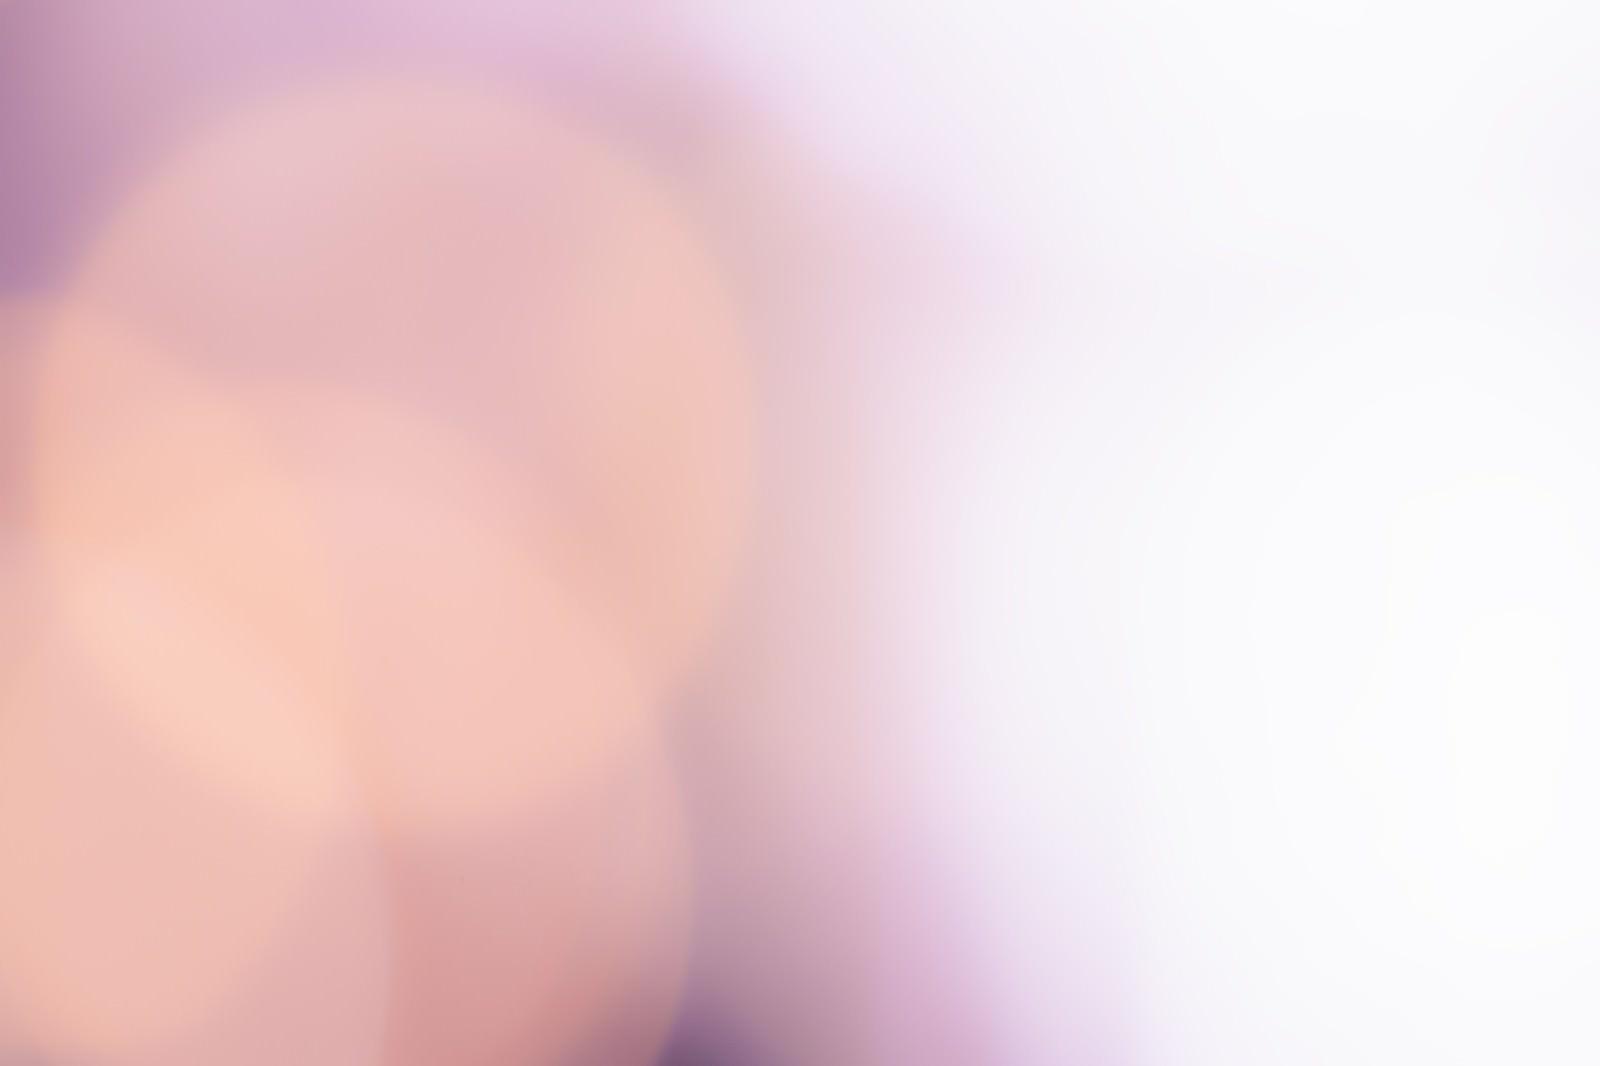 「あふれる白い光 | 写真の無料素材・フリー素材 - ぱくたそ」の写真